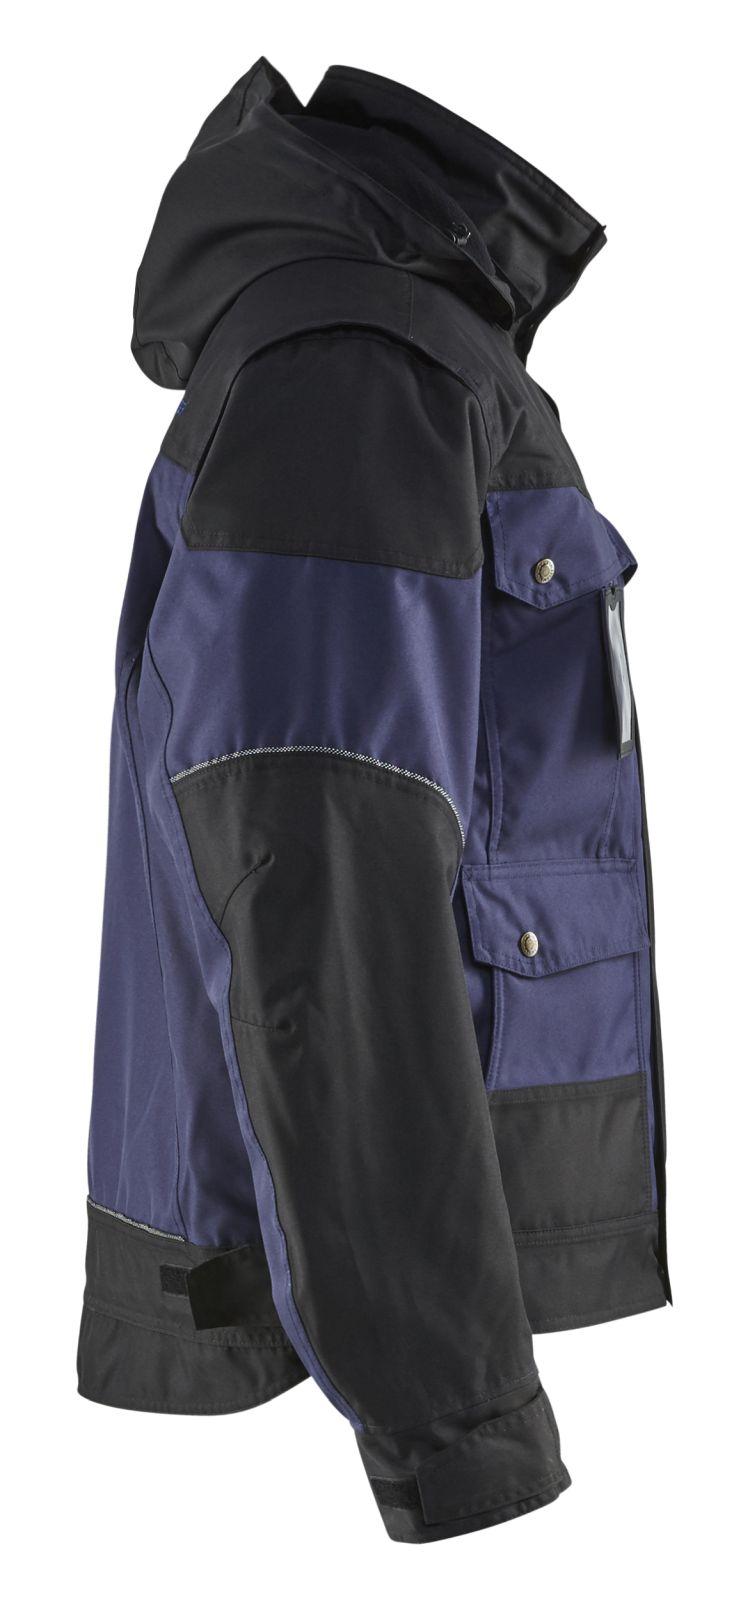 Blaklader Jassen 48861977 marineblauw-zwart(8999)